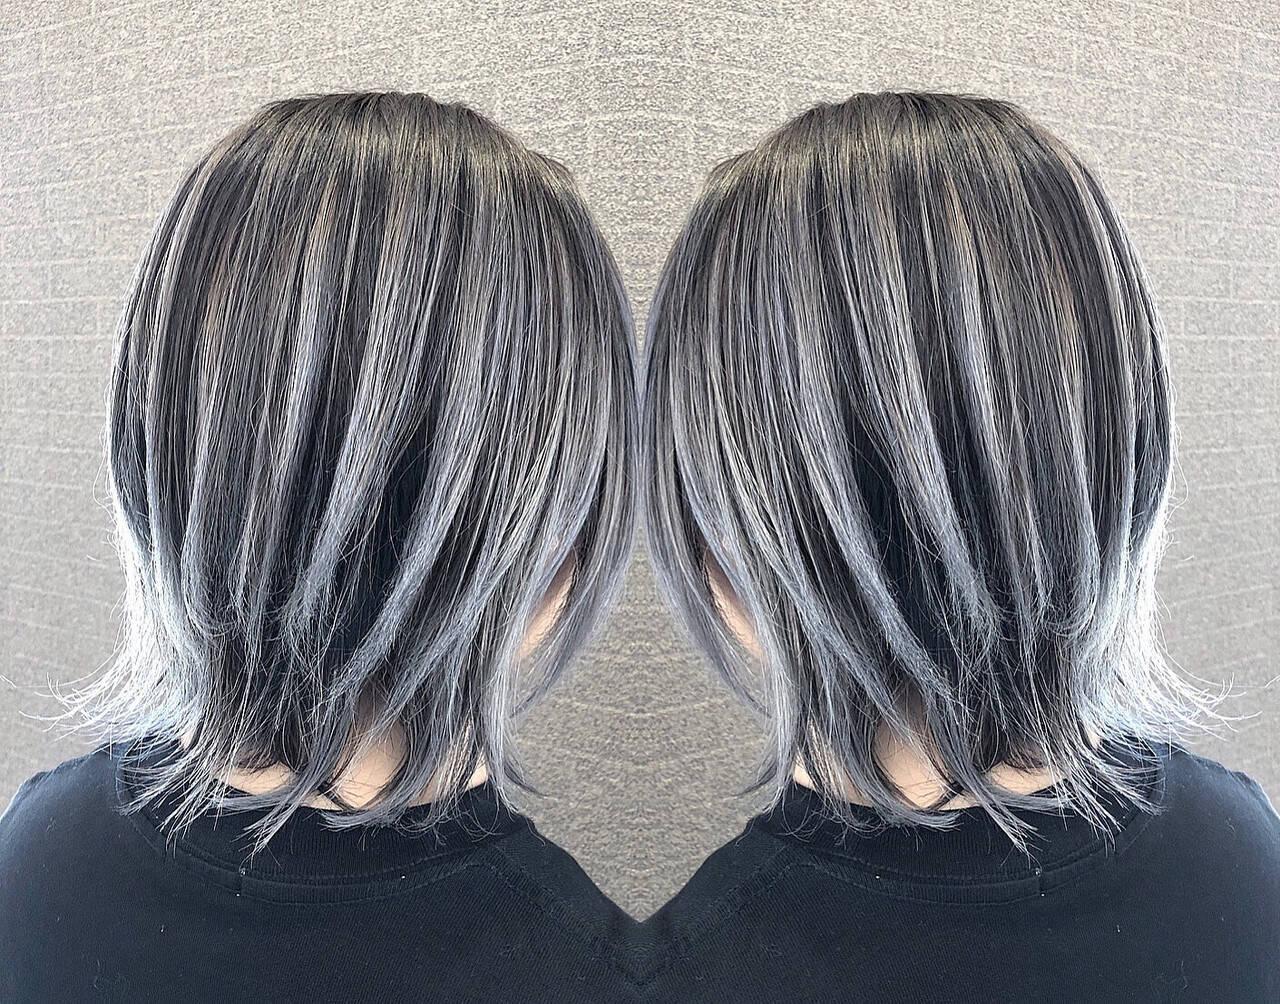 ショート 外国人風カラー 外国人風 バレイヤージュヘアスタイルや髪型の写真・画像